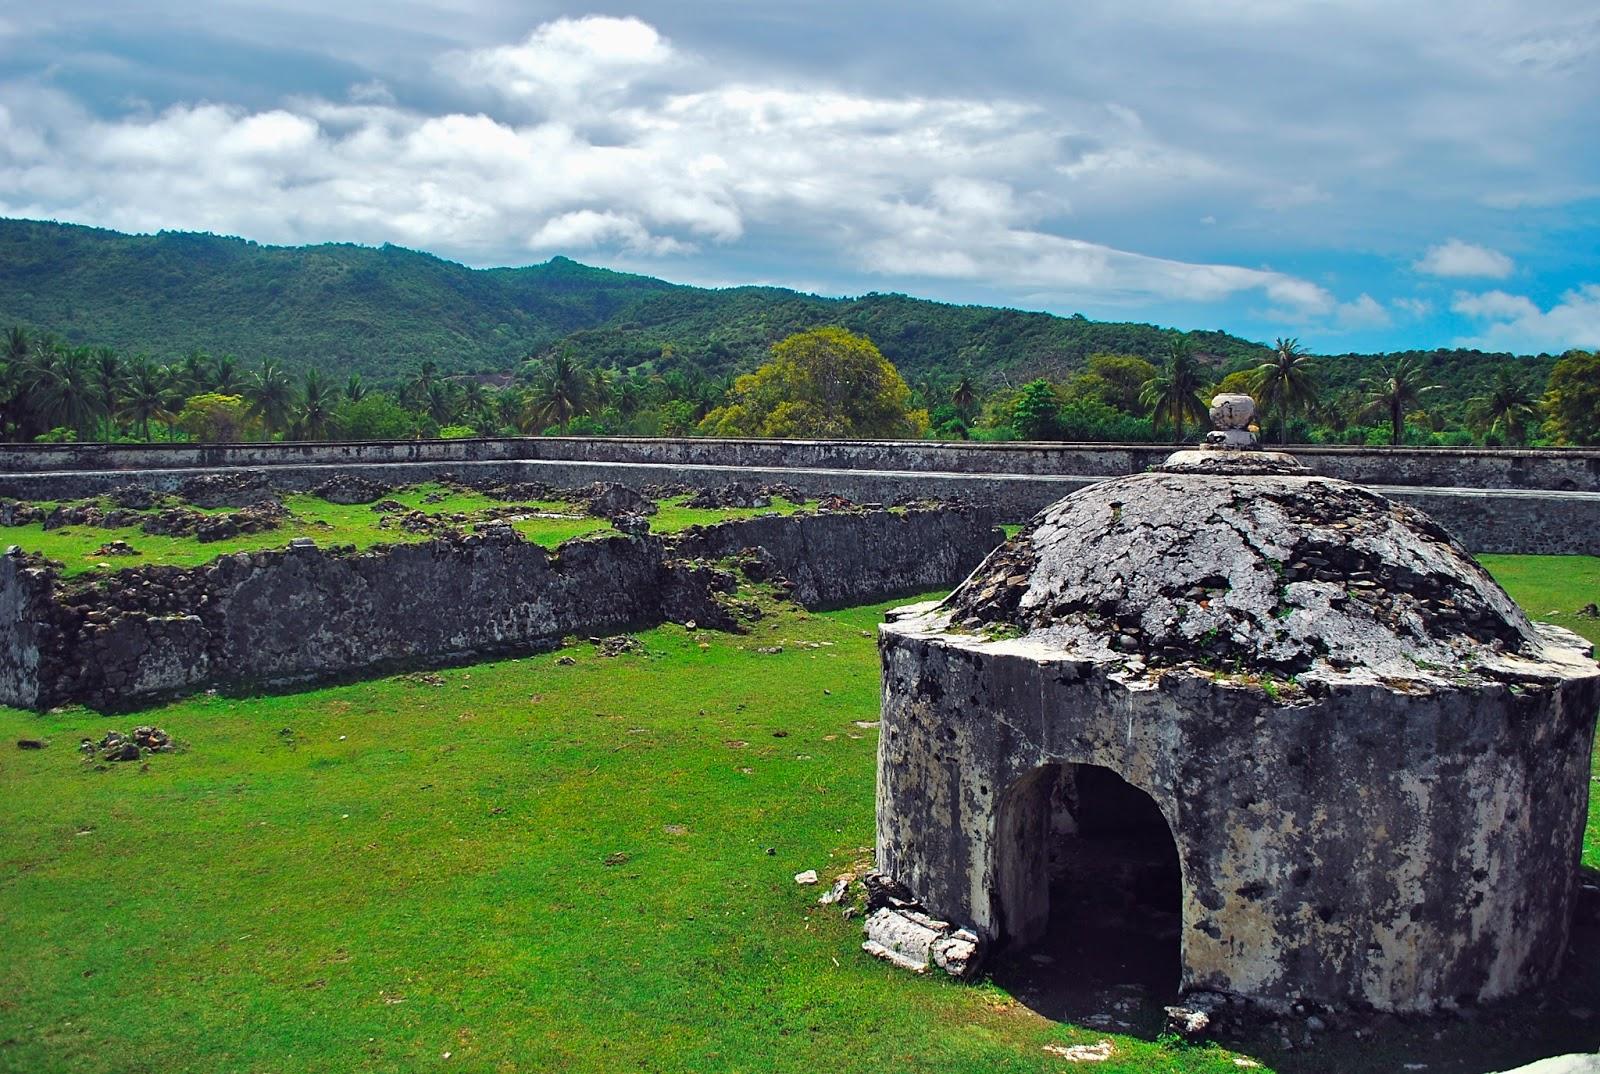 6 Benda Serta Bangunan Indah Peninggalan Kerajaan Aceh